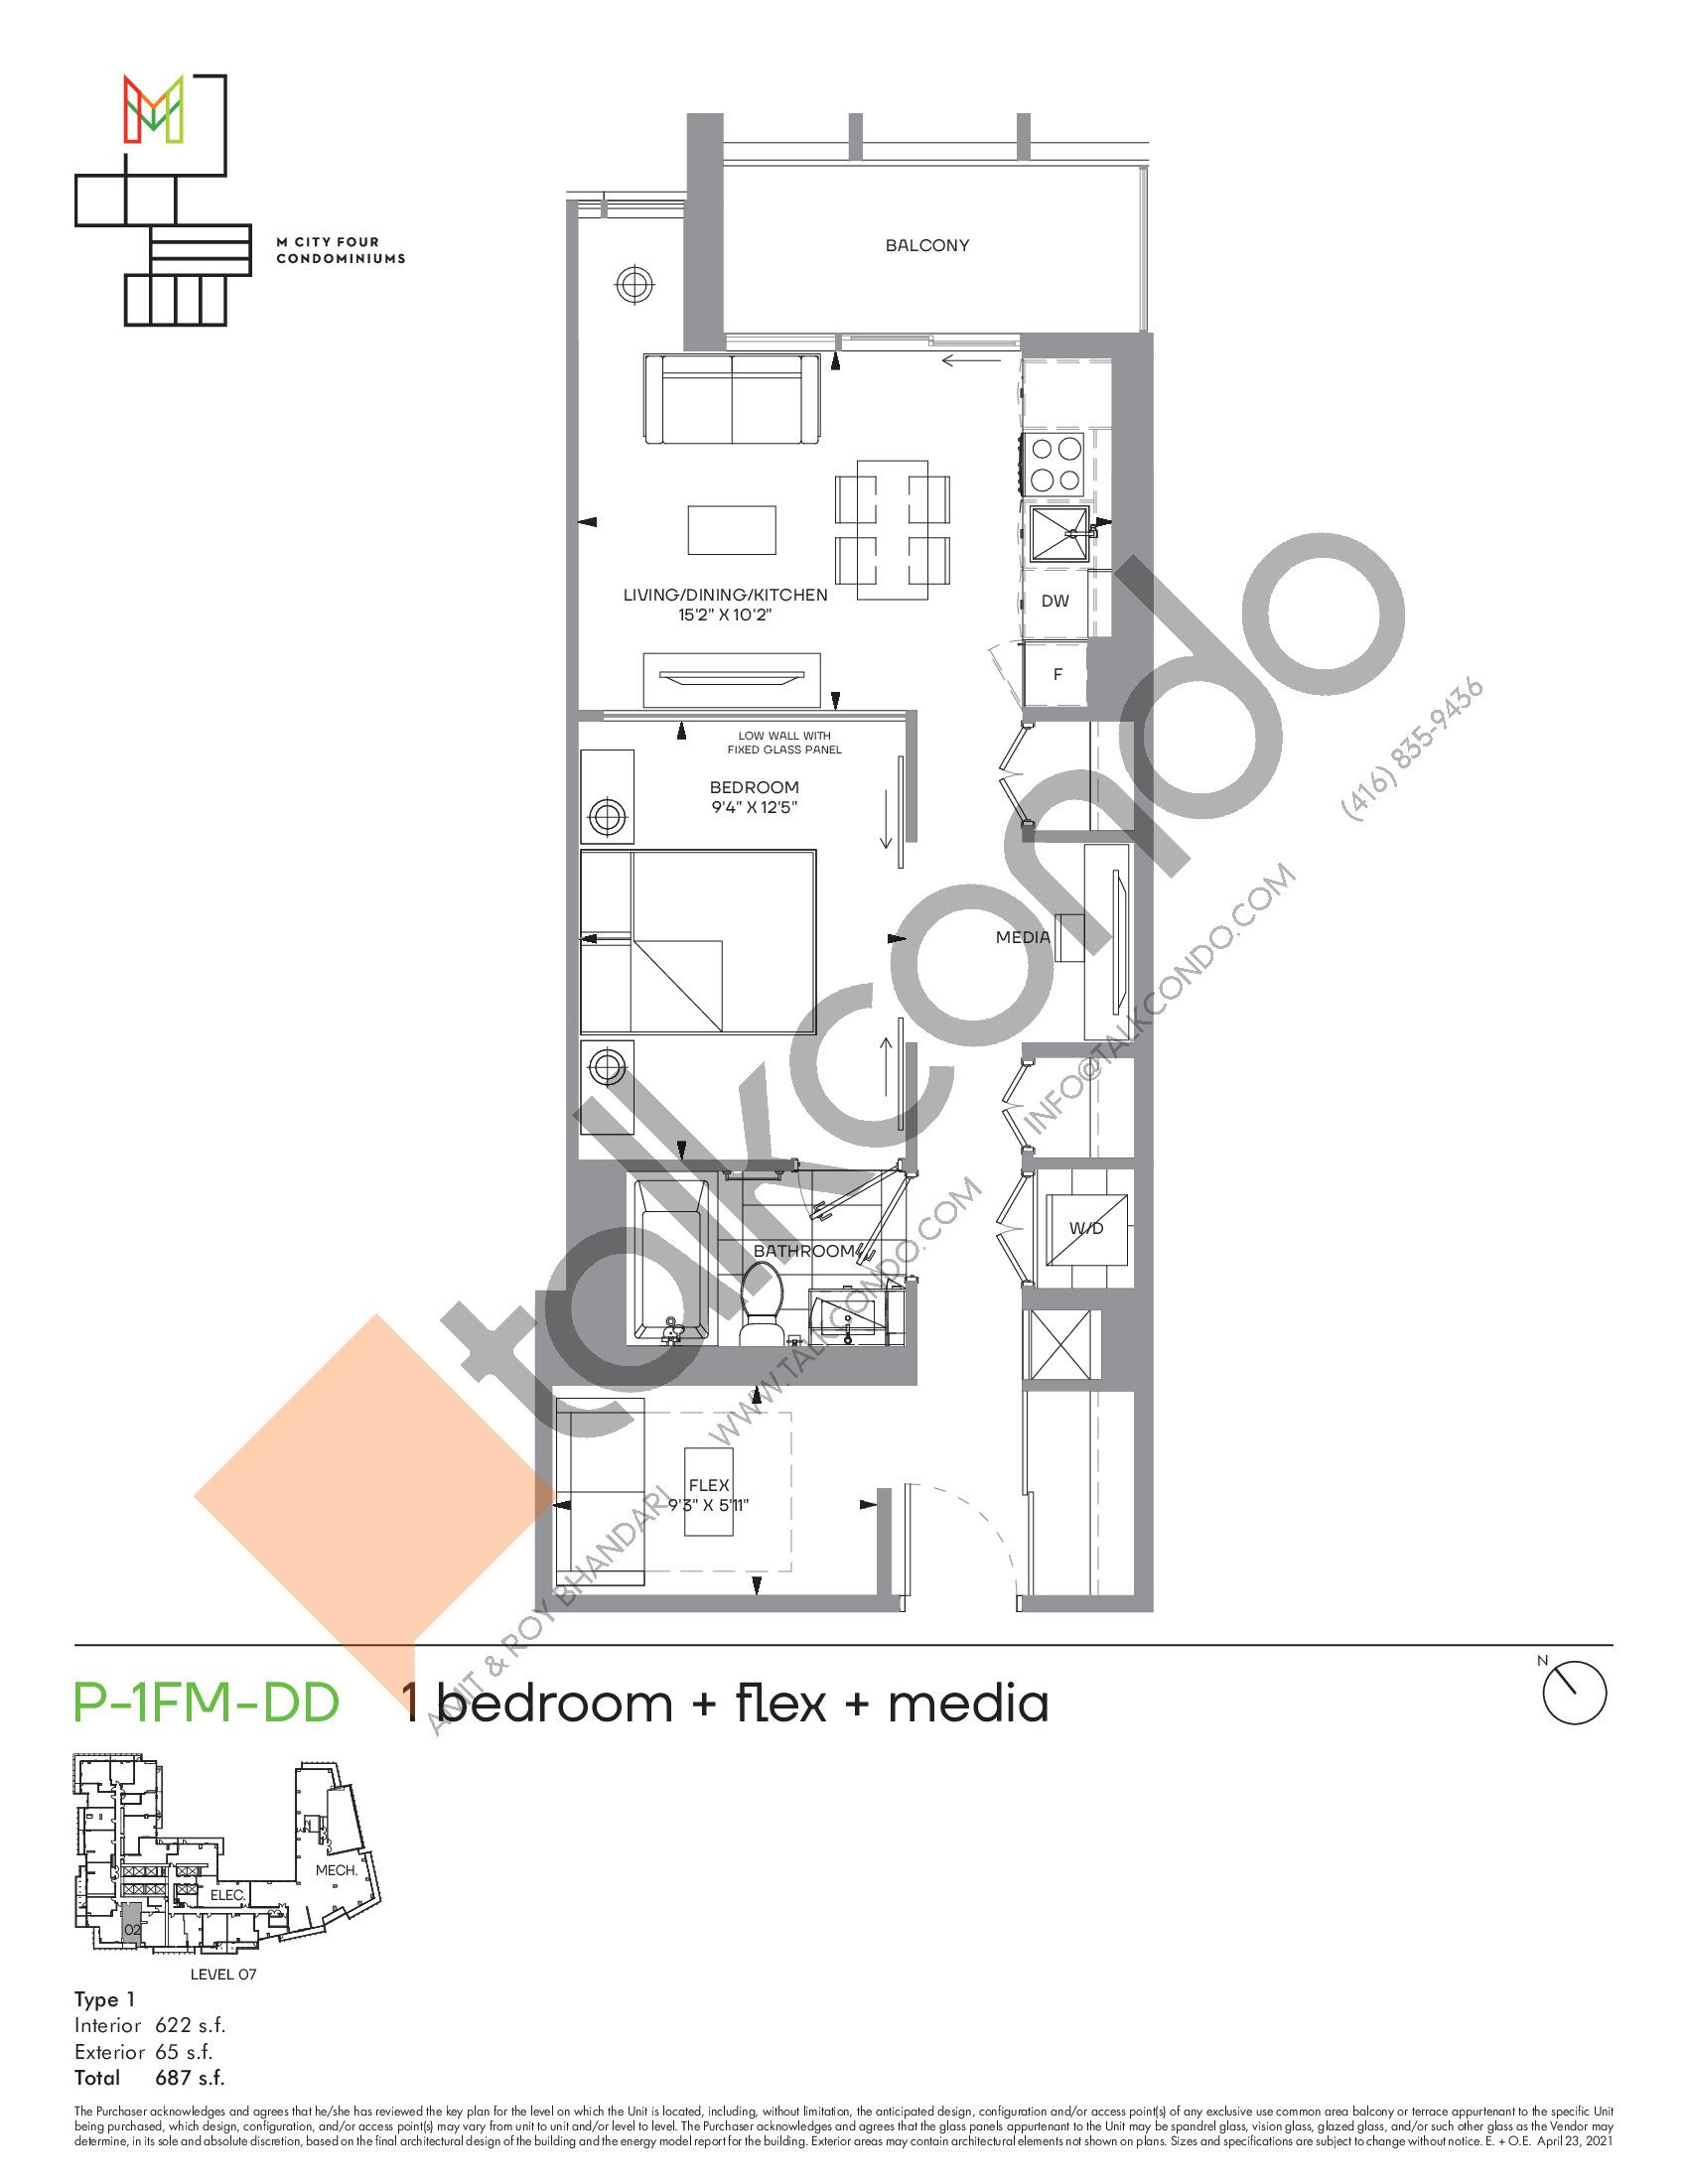 P-1FM-DD (Podium) Floor Plan at M4 Condos - 622 sq.ft